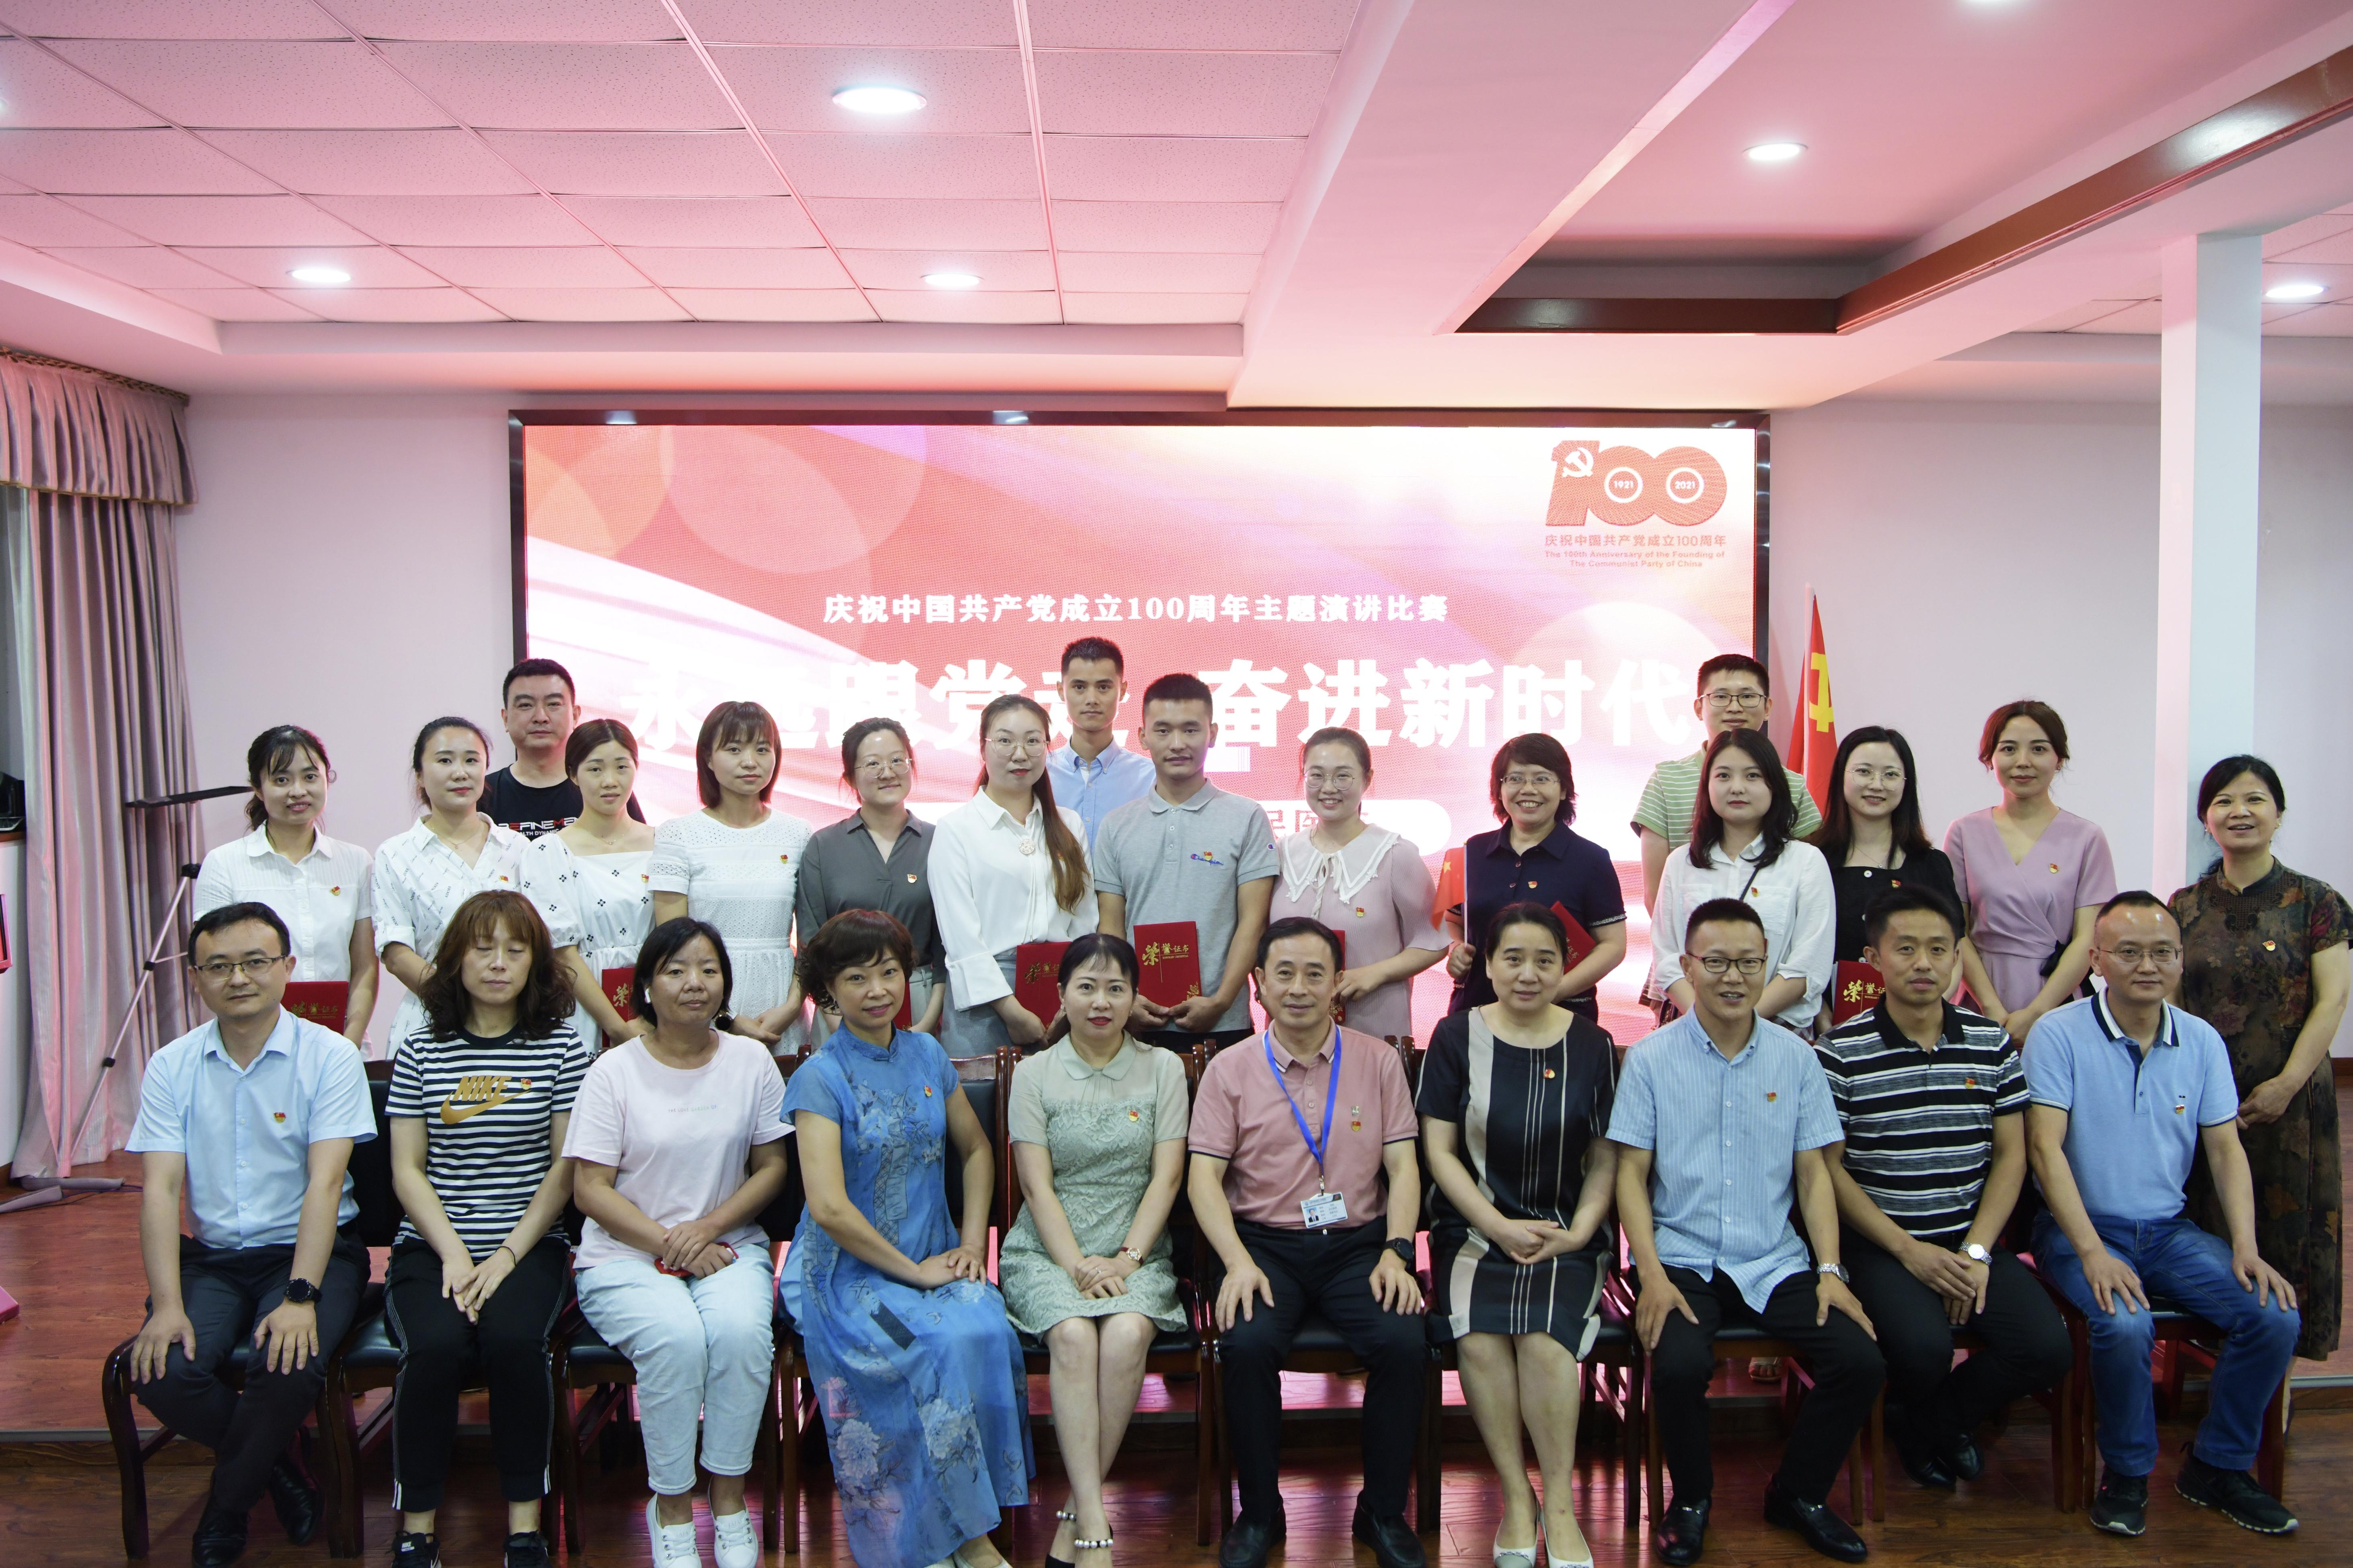 成都市新津区人民医院举行庆祝建党 100 周年「永远跟党走 奋进新时代」主题演讲比赛